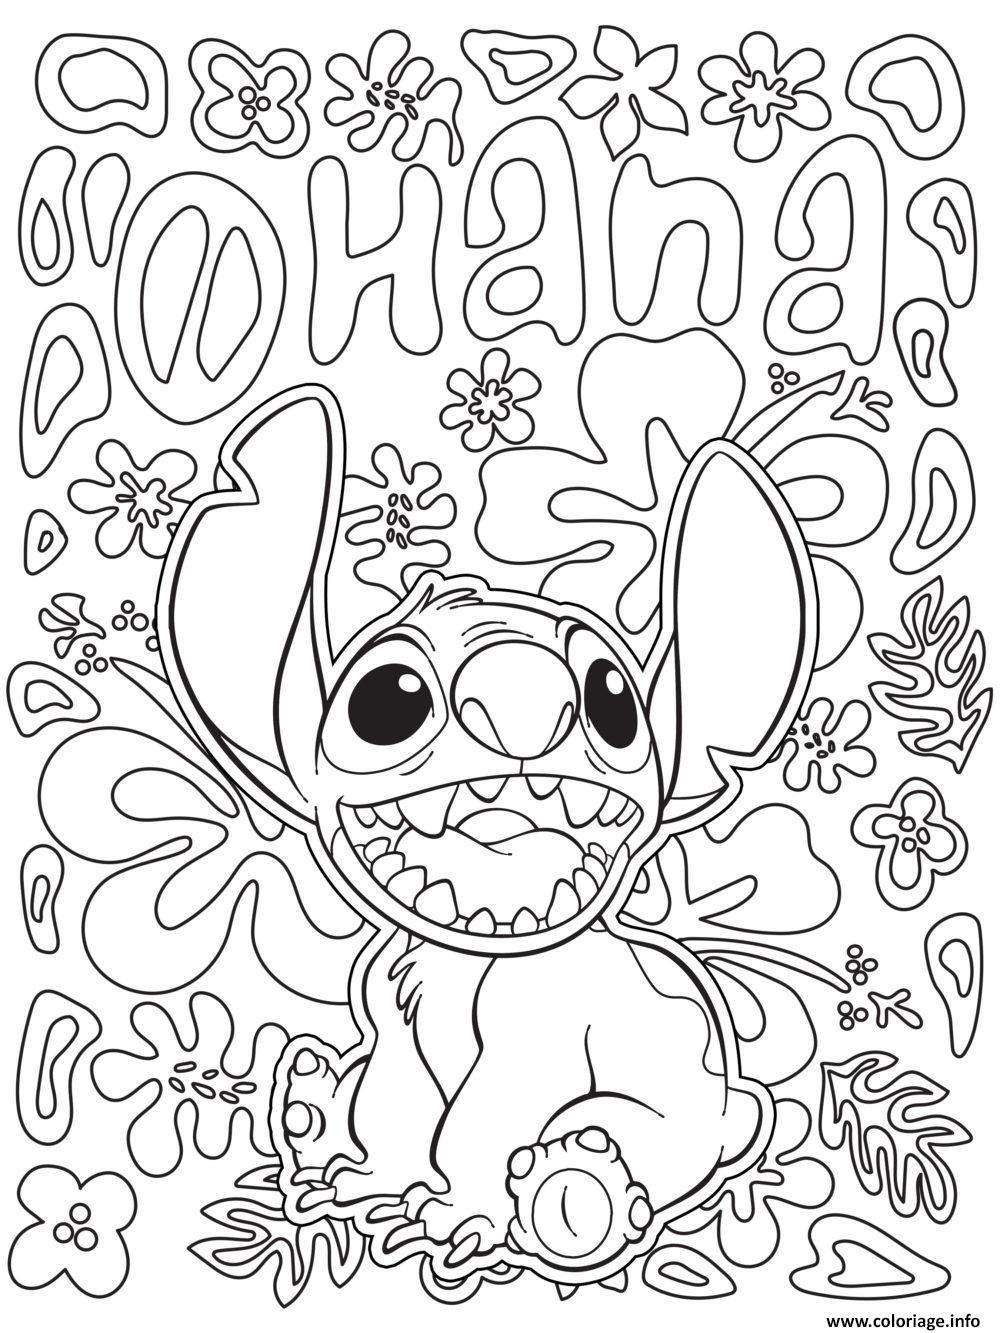 Coloriage Stitch Mandala Lilo Stitch A Imprimer En 2020 Coloriage Mandala Coloriage Coloriage Disney